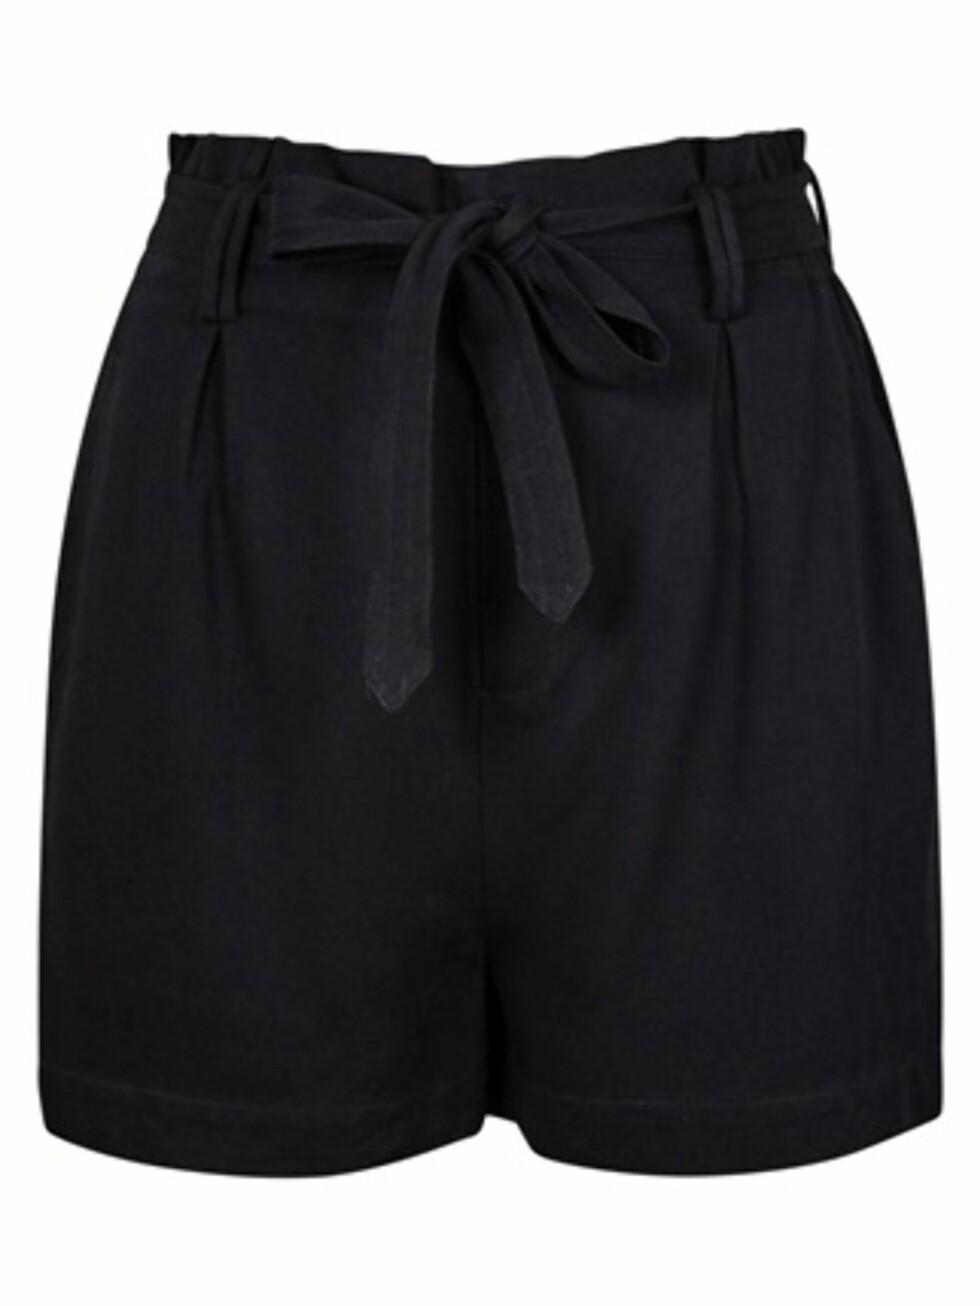 Shorts fra Cubus, kr 249. Foto: Produsenten